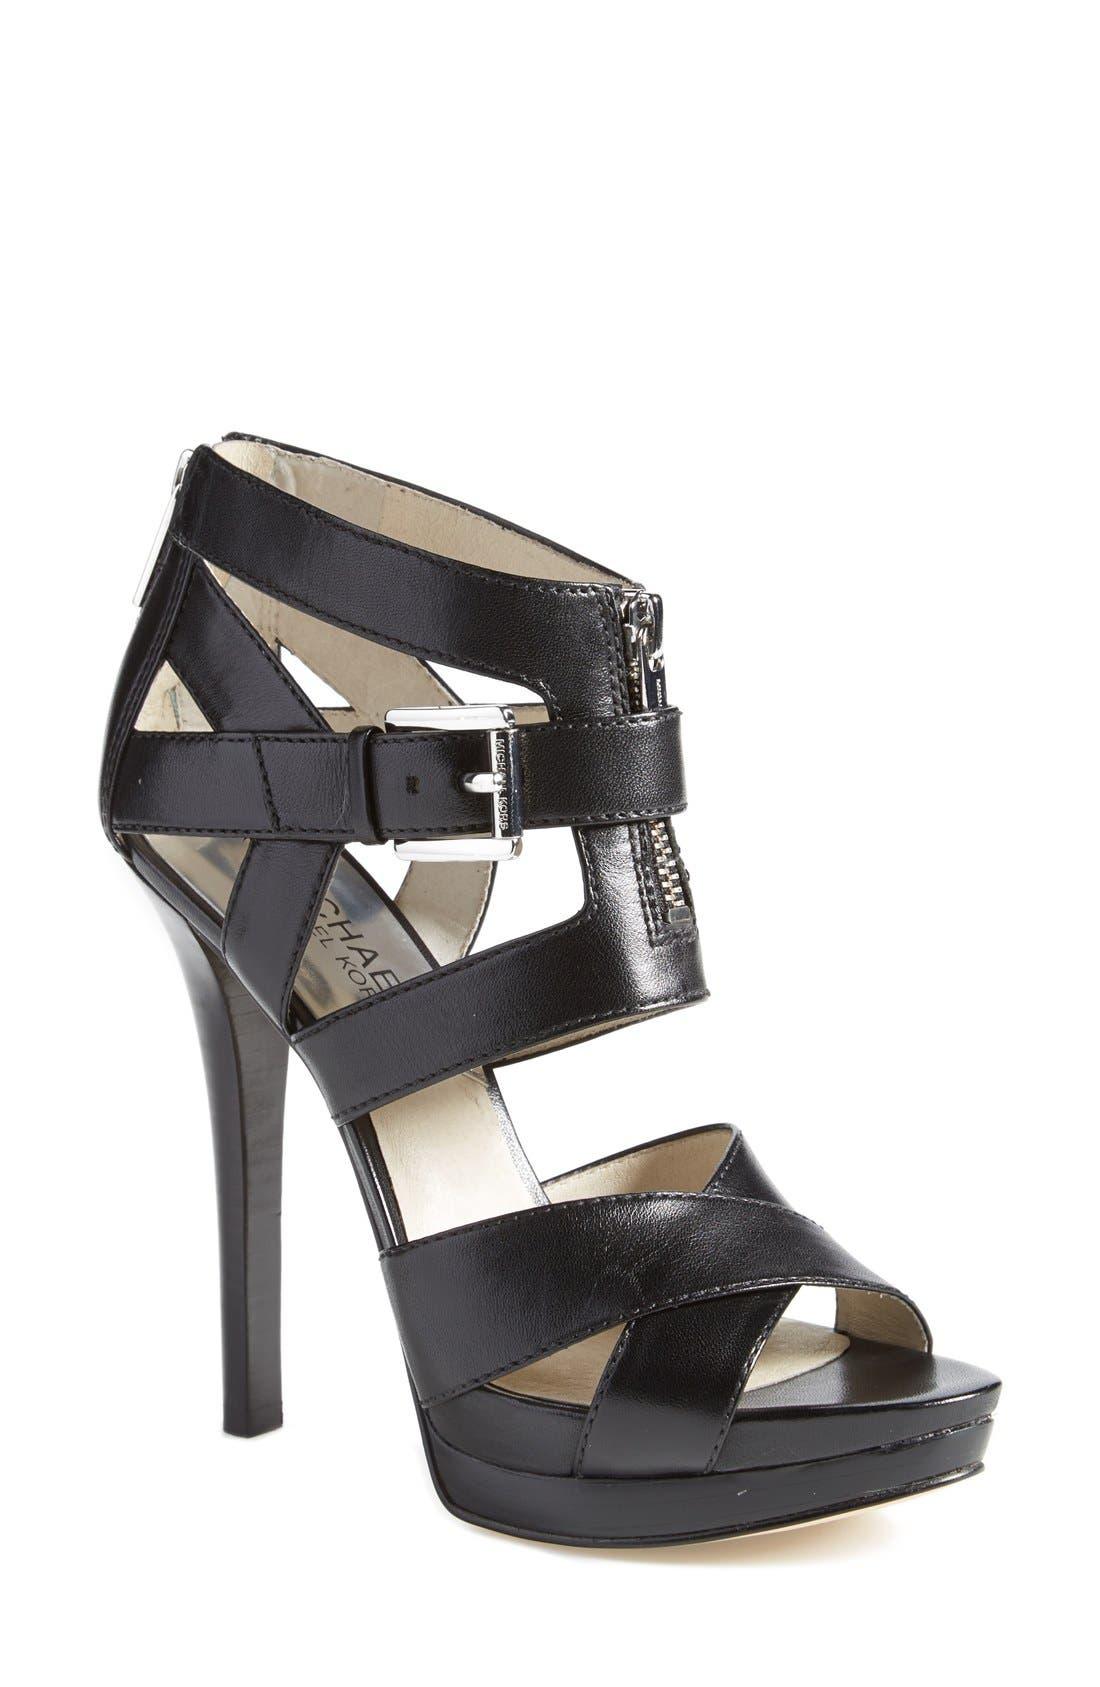 Main Image - MICHAEL Michael Kors 'Anya' Platform Sandal (Women)